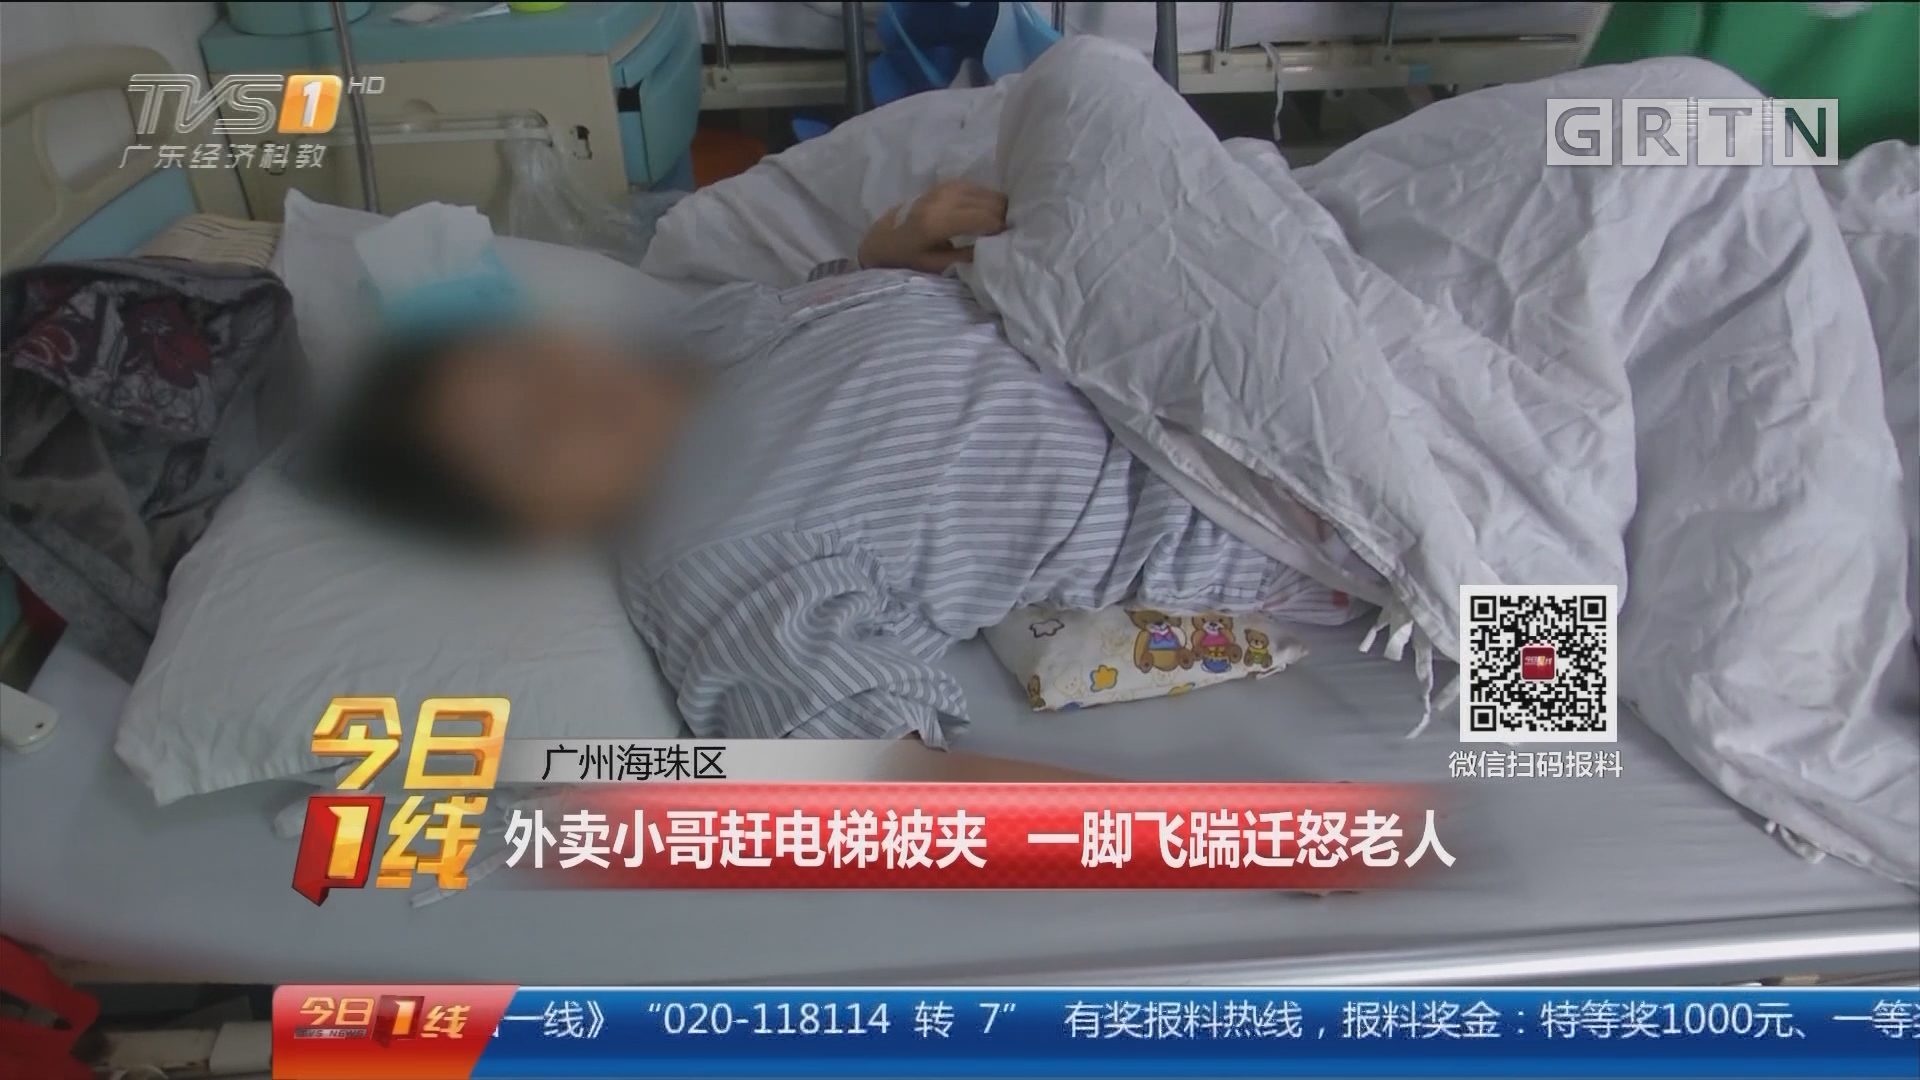 广州海珠区:外卖小哥赶电梯被夹 一?#27431;?#36409;迁怒老人